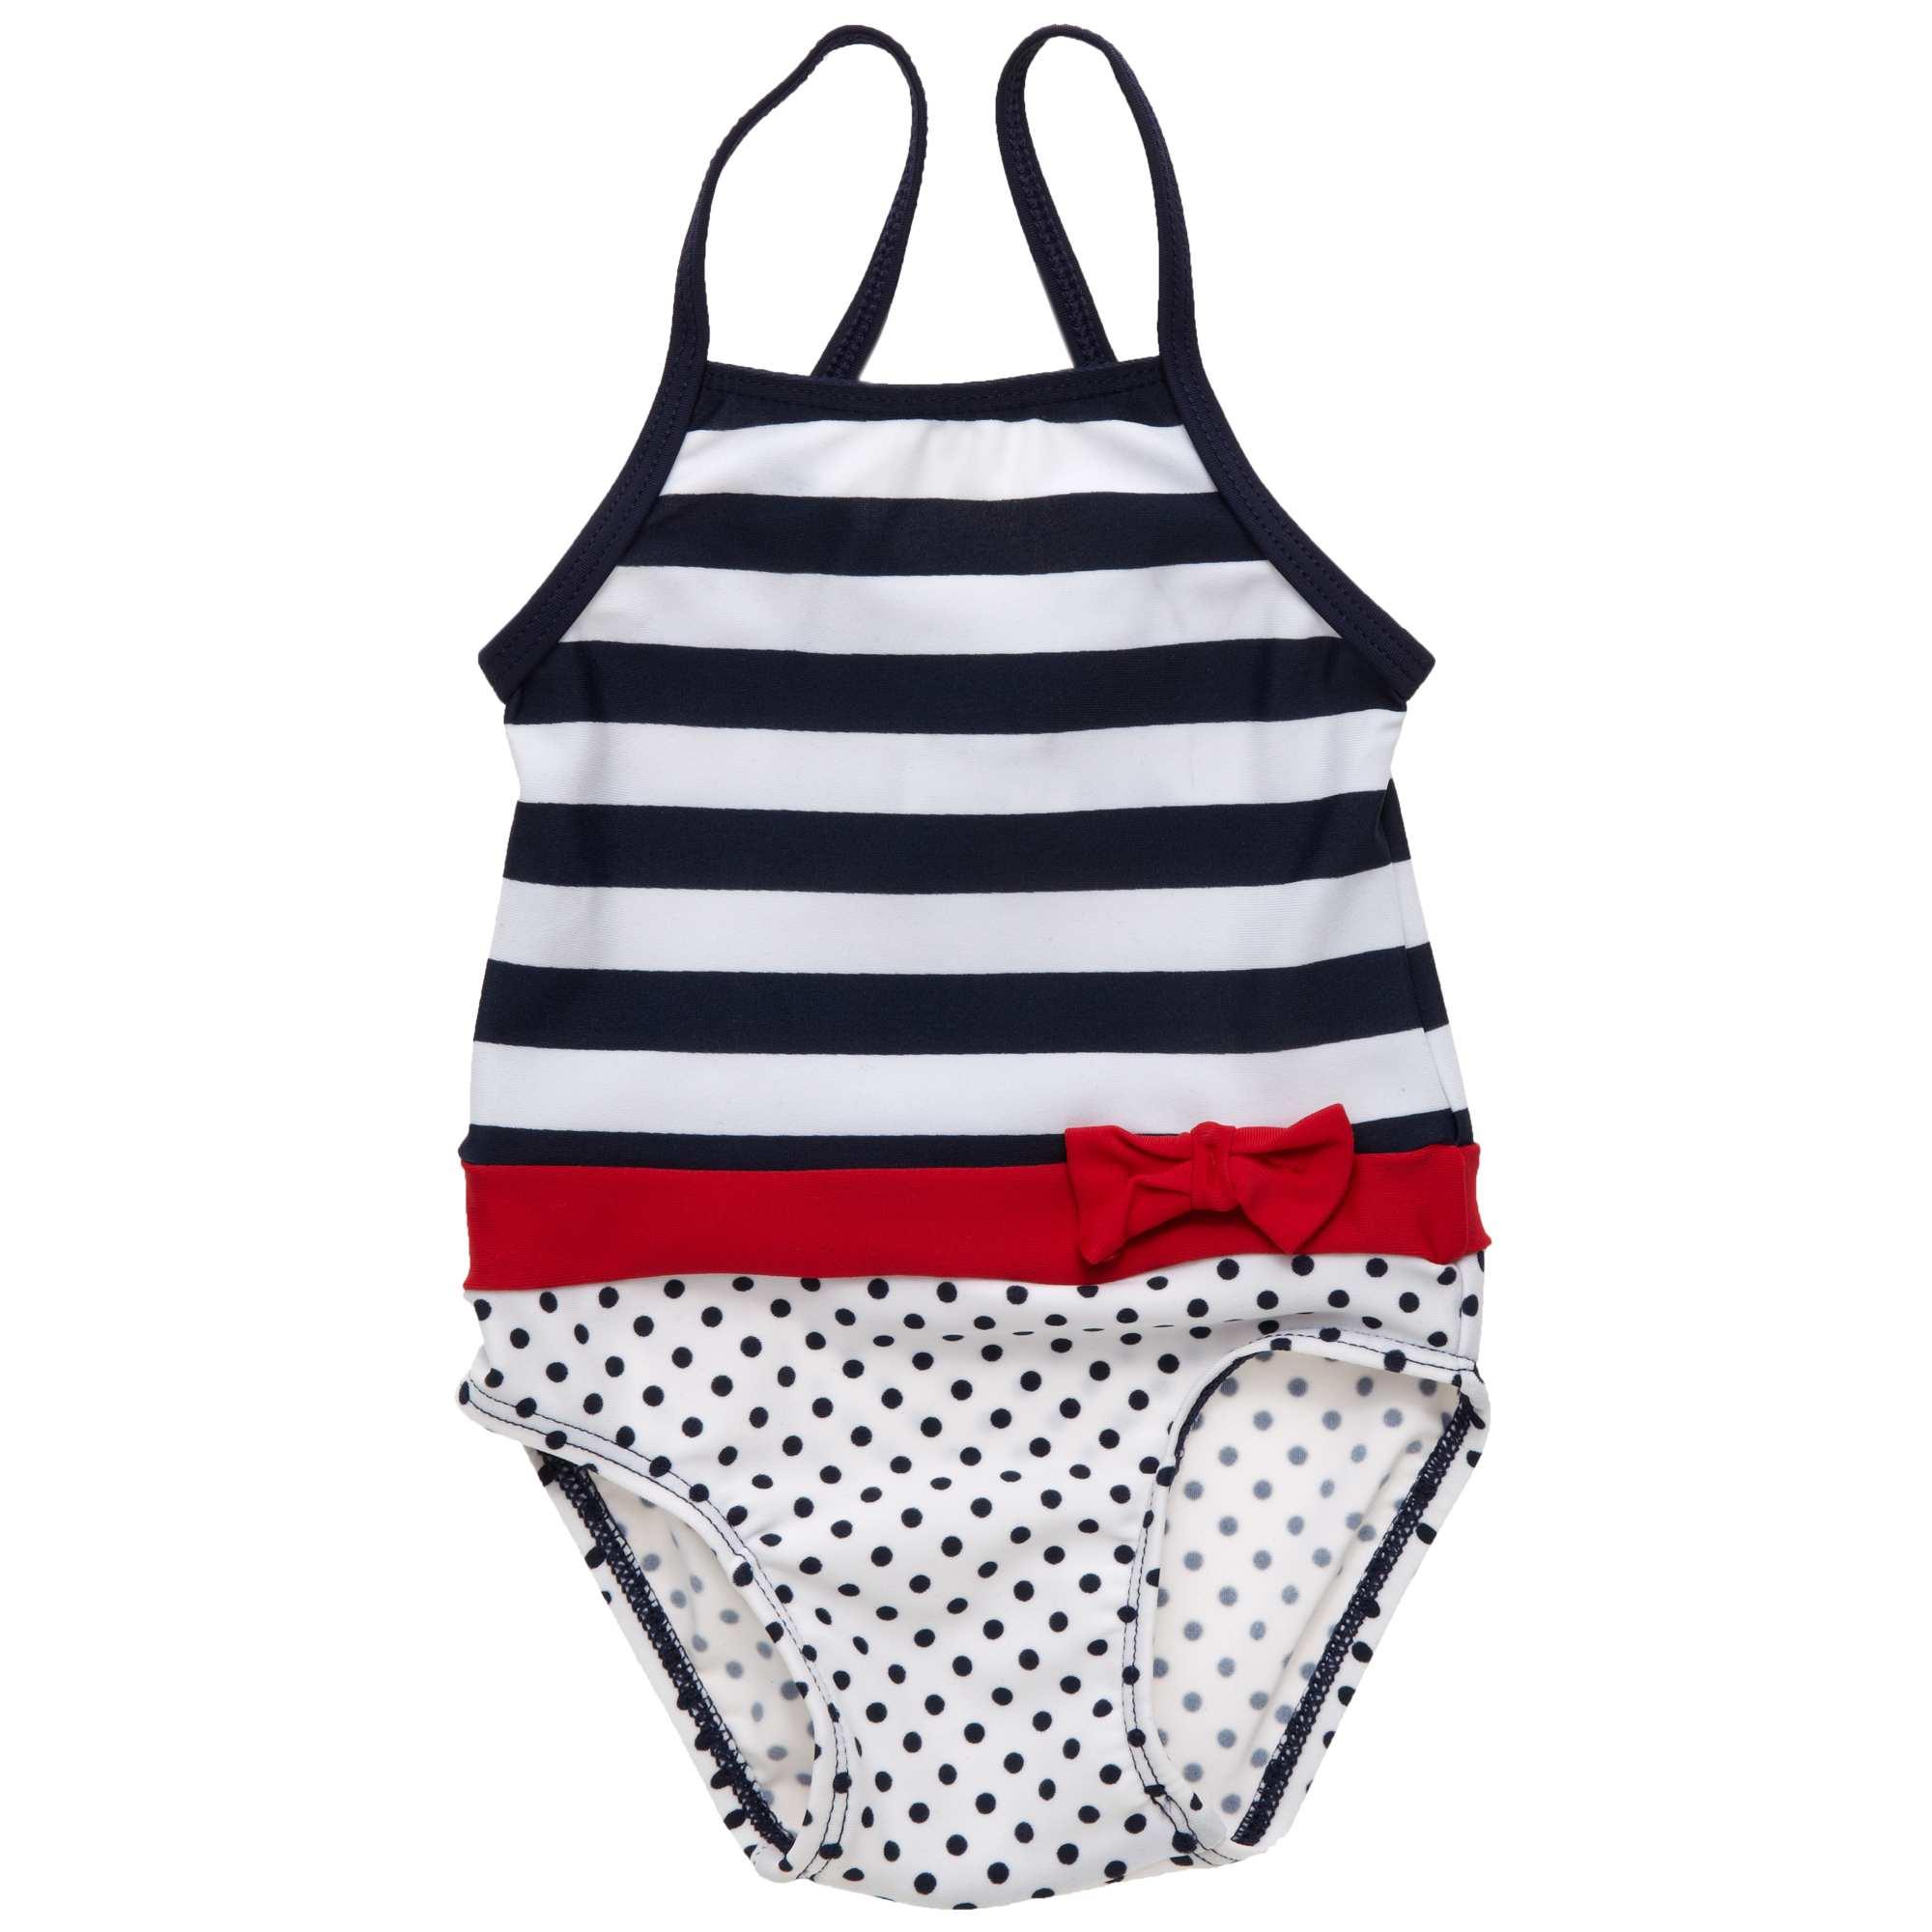 Maillot de bain bébé  Sélection Shopping  -  Encore un  Blog de Mère 3b69feb70e0c